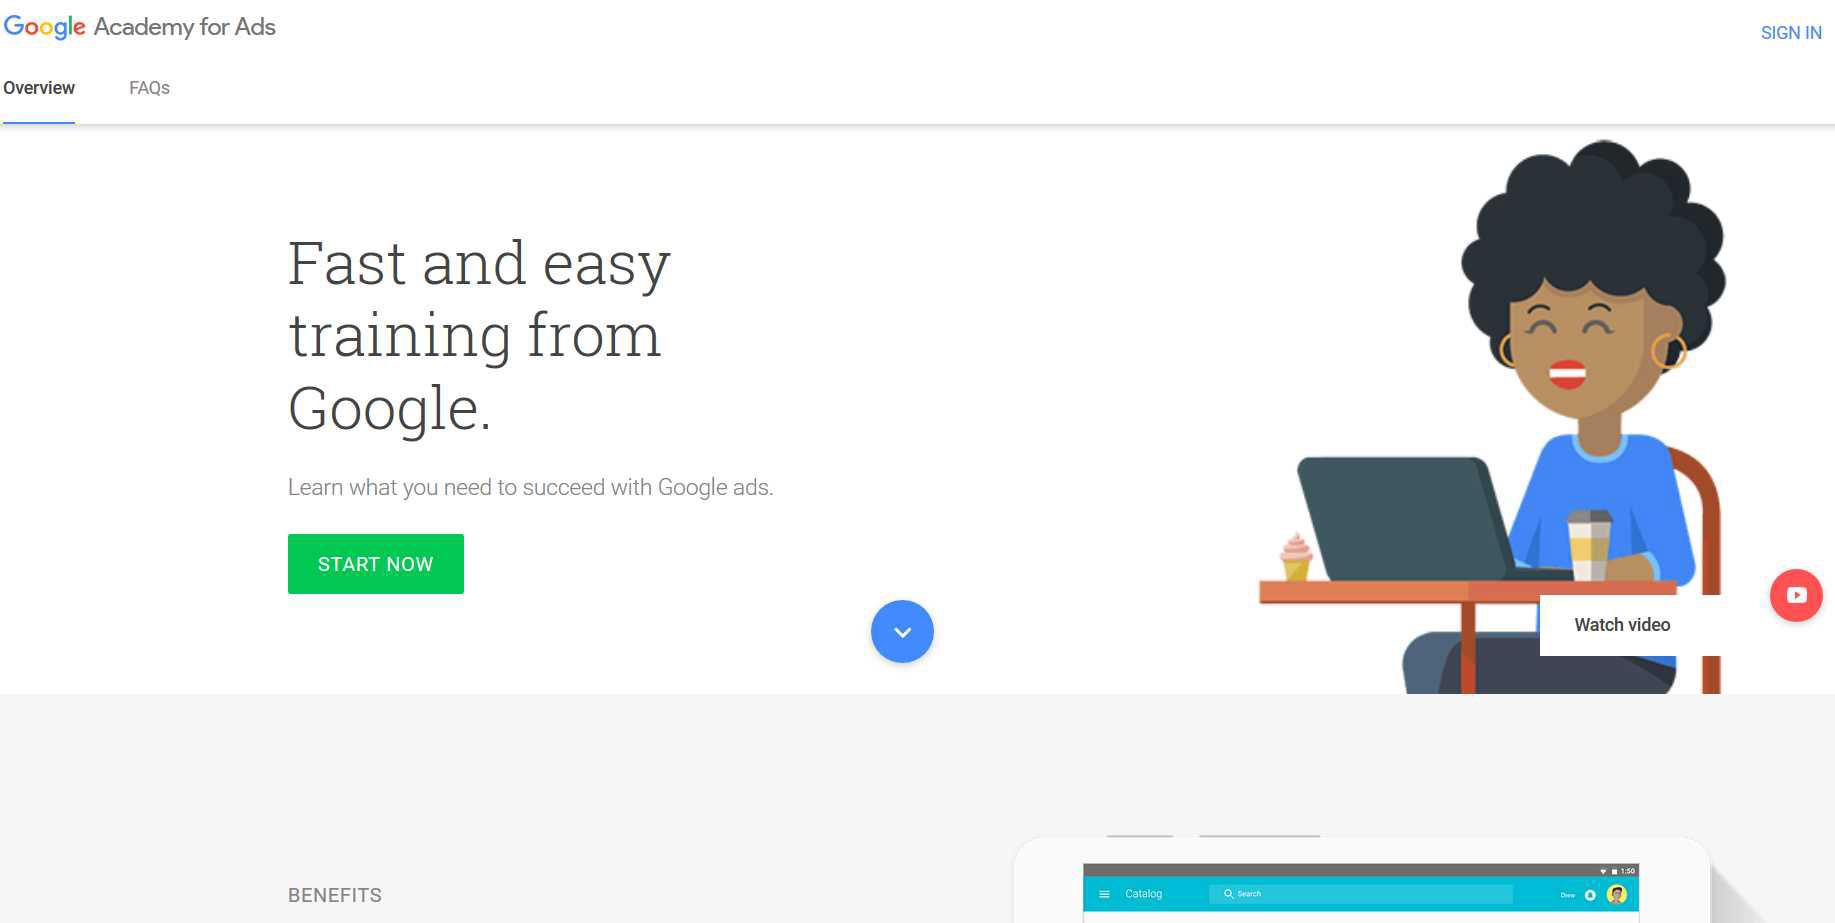 راهنمای گام به گام مدرک گوگل ادوردز